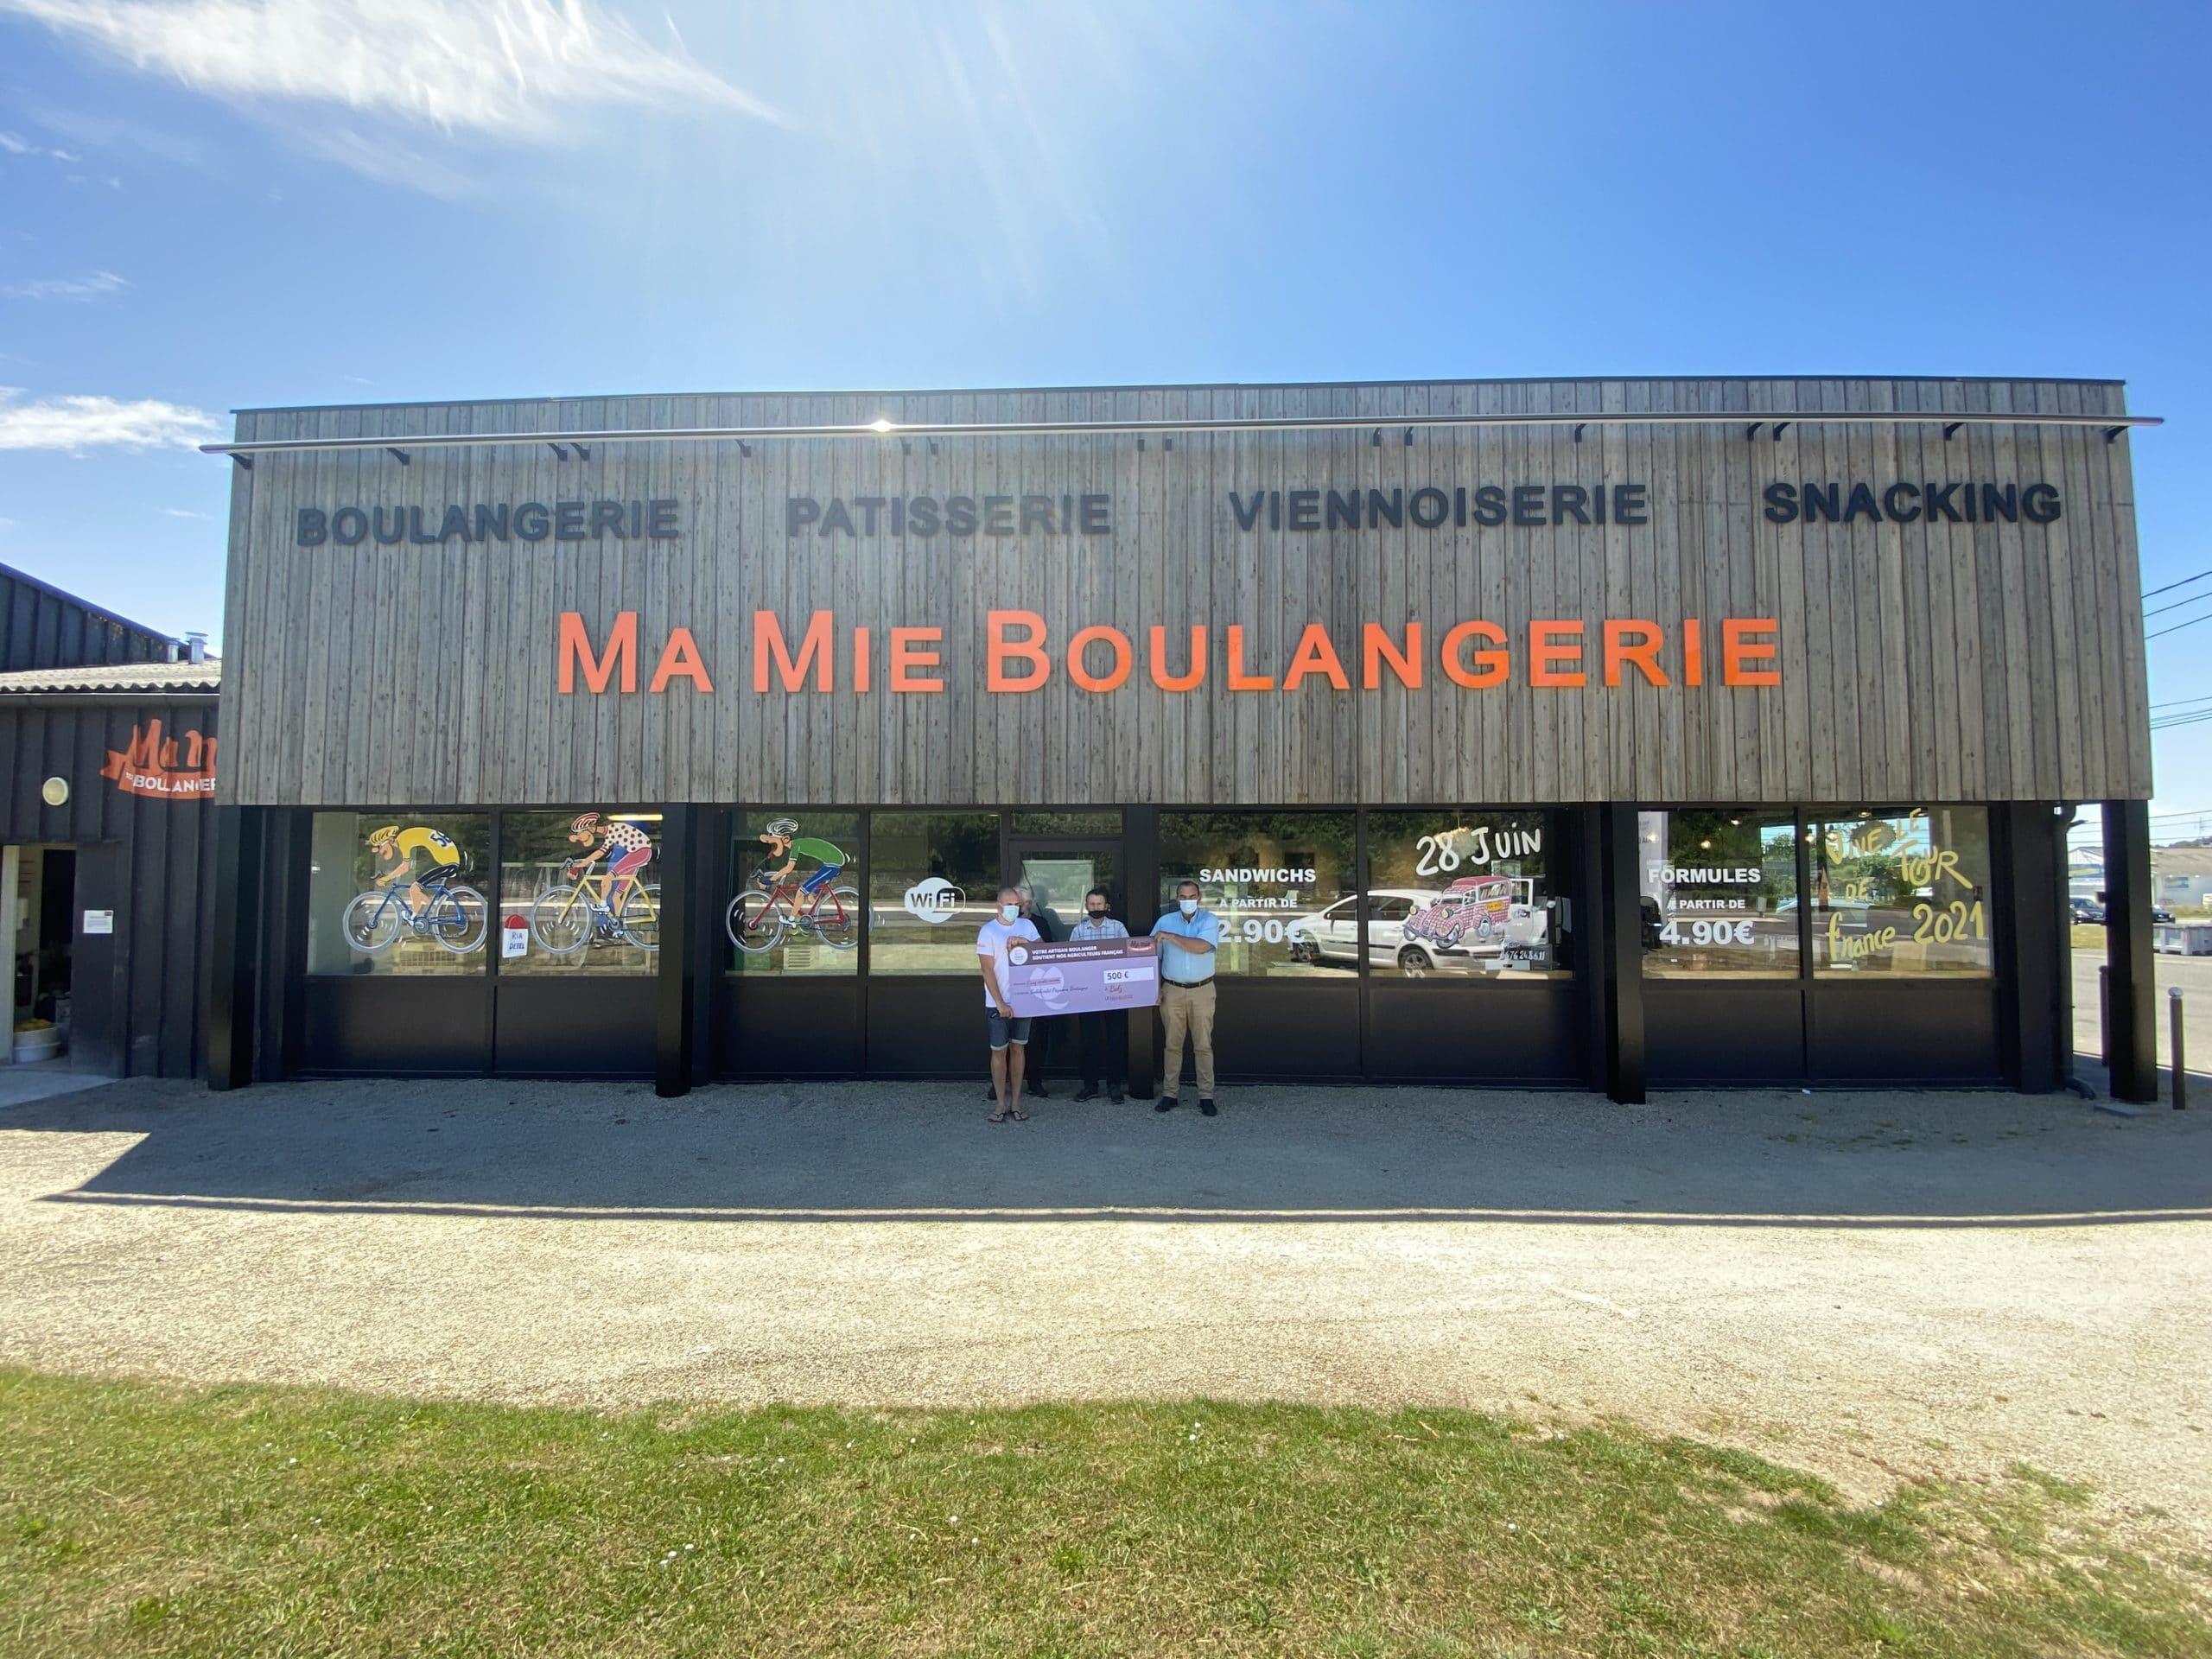 Ma Mie Boulangerie revers 500€ à Solidarité Paysans Bretagne